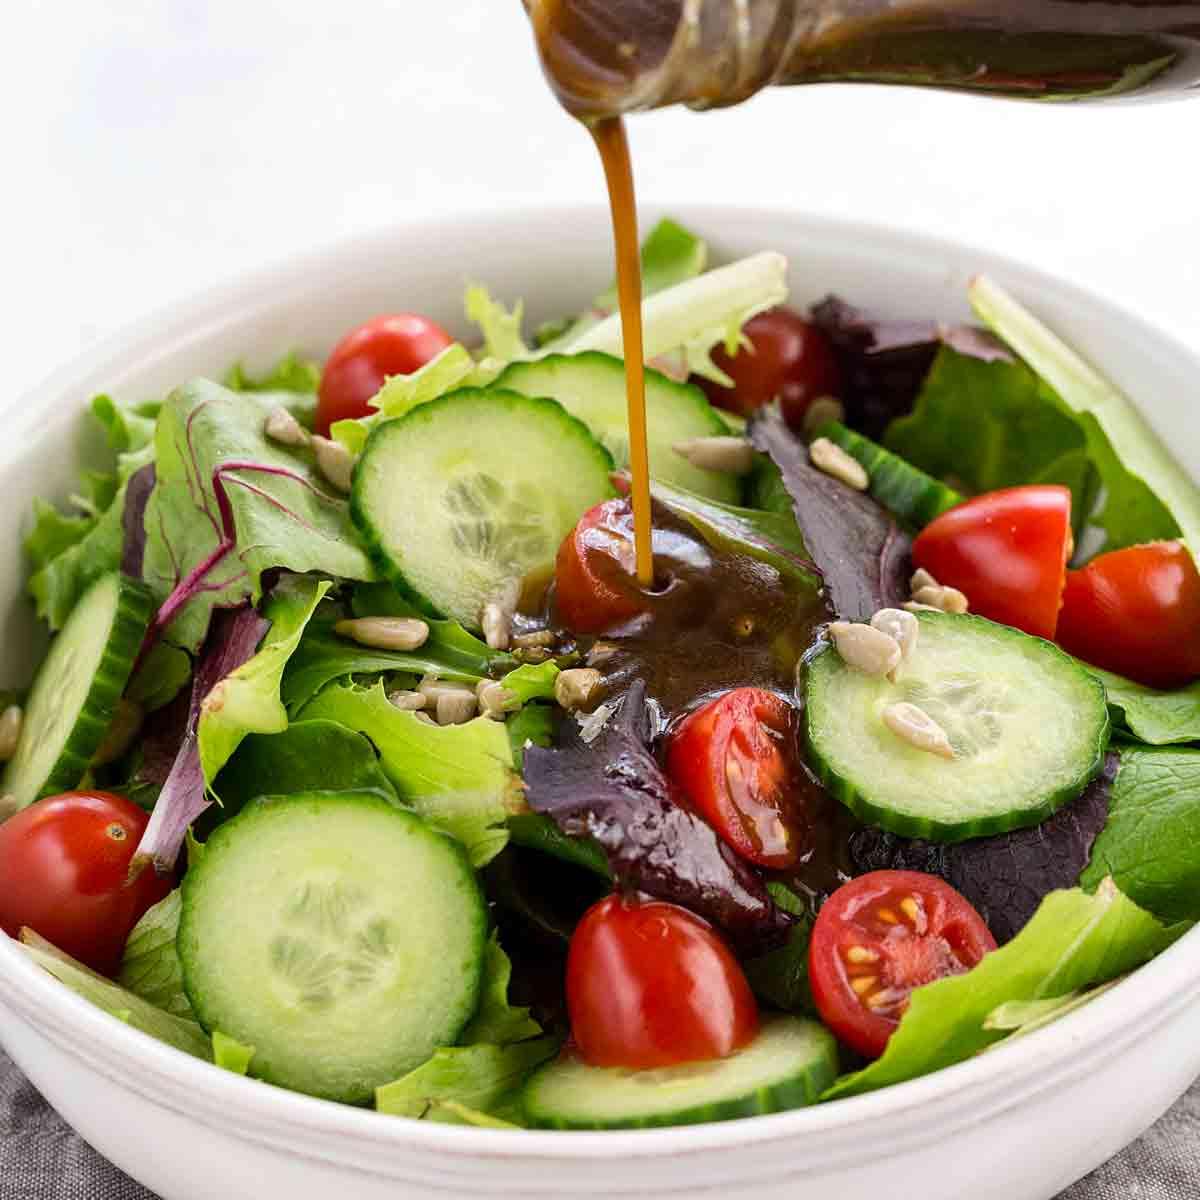 Заправка для салата с оливковым маслом, горчицей и уксусом рецепт с фото - 1000.menu